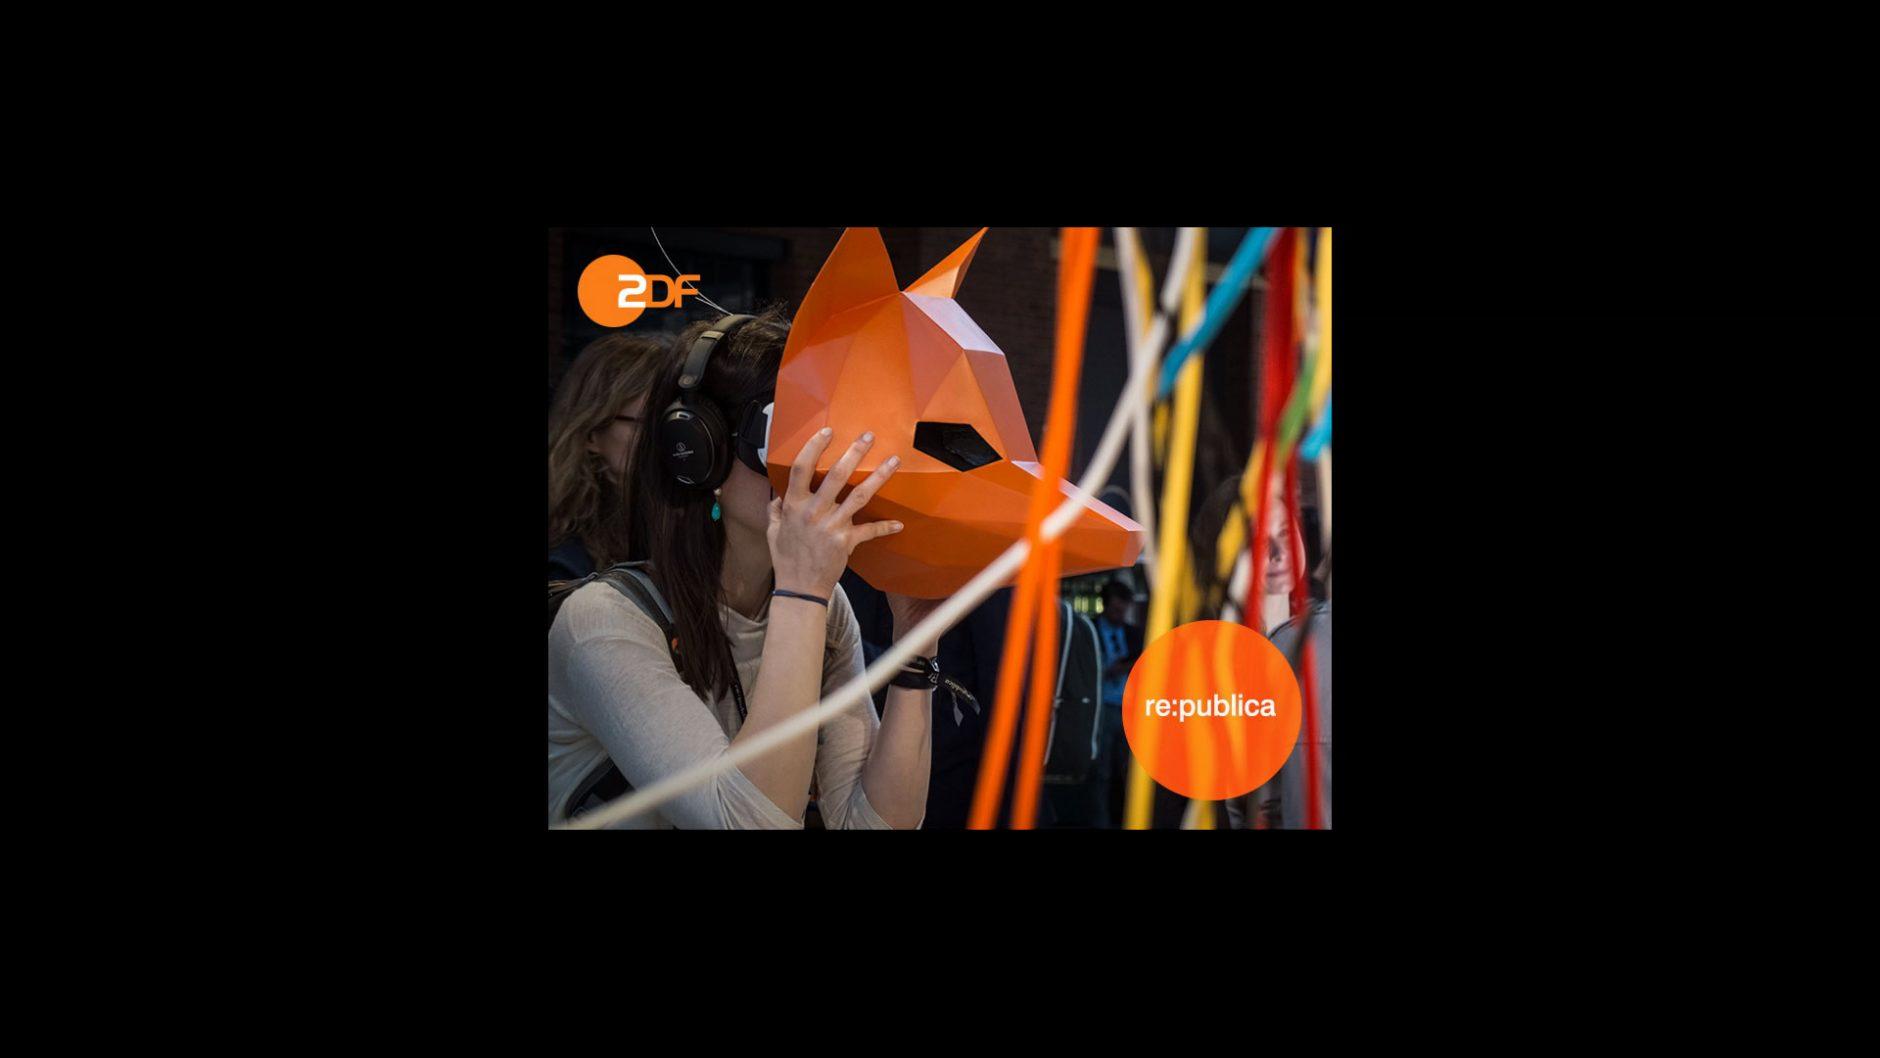 Das ZDF war auf der re:publica sehr präsent - mit VR-Brillen, QR-Codes und NFC. Dabei half die Hamburger Digitalagentur Nest One